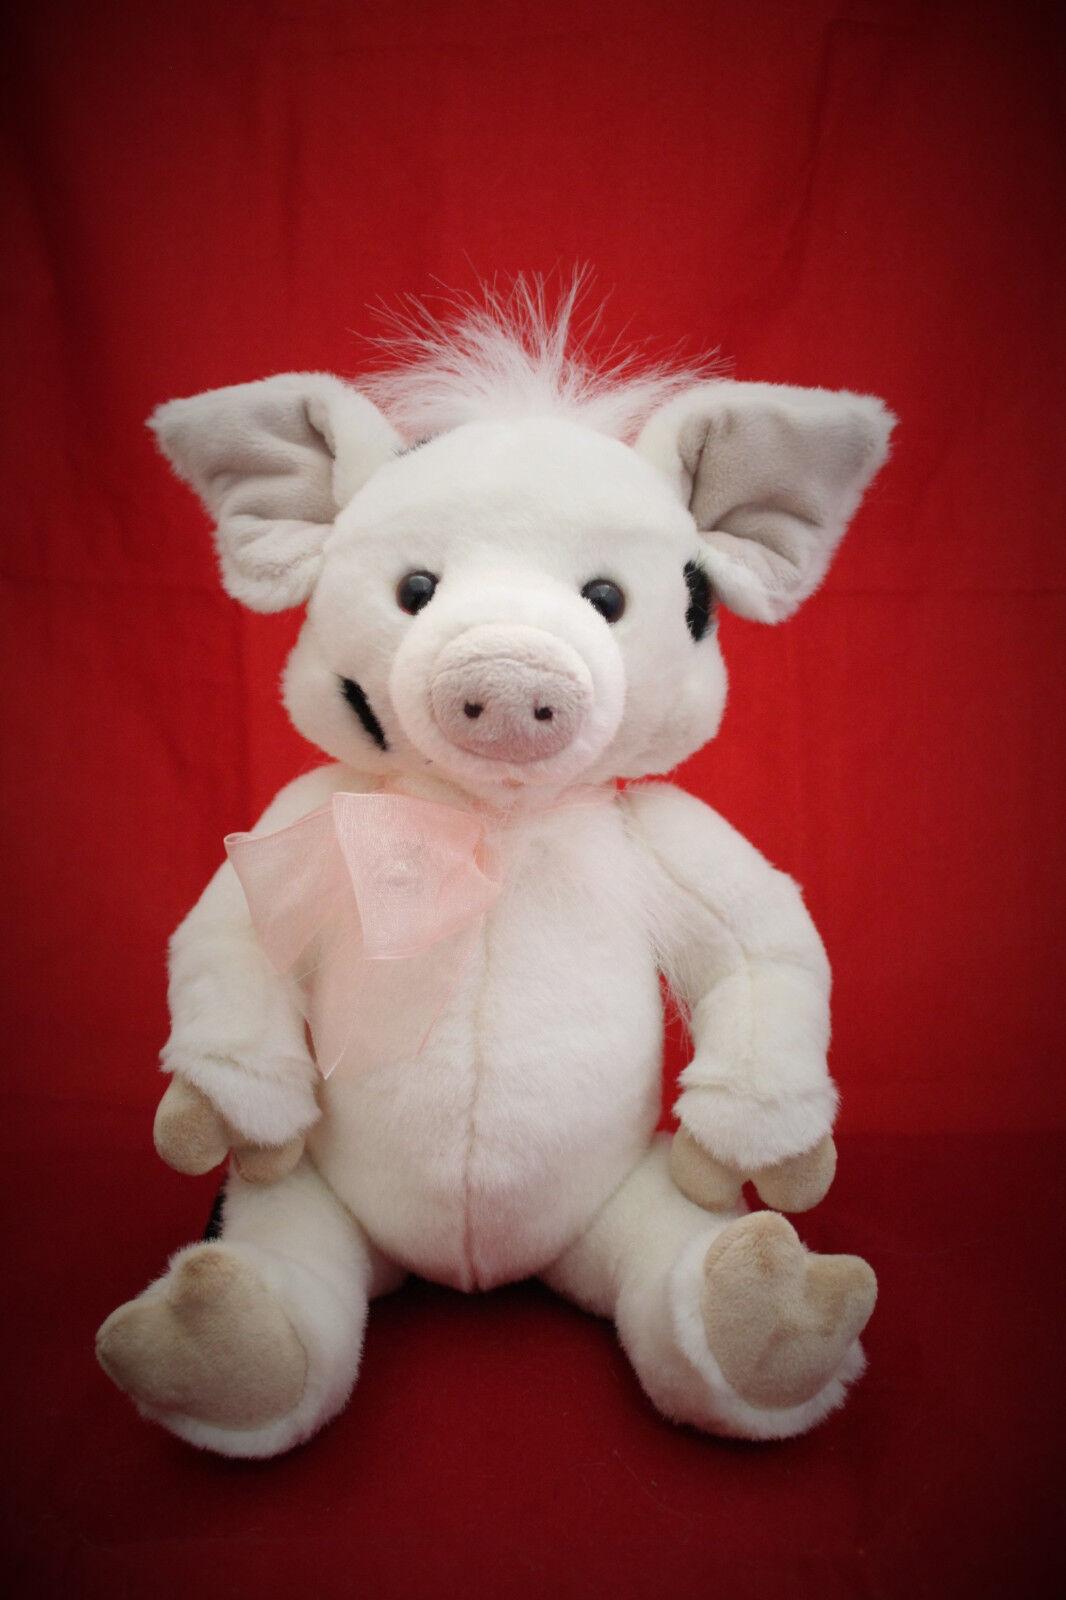 Charlie Bears 2017 Truffles Plush Pig